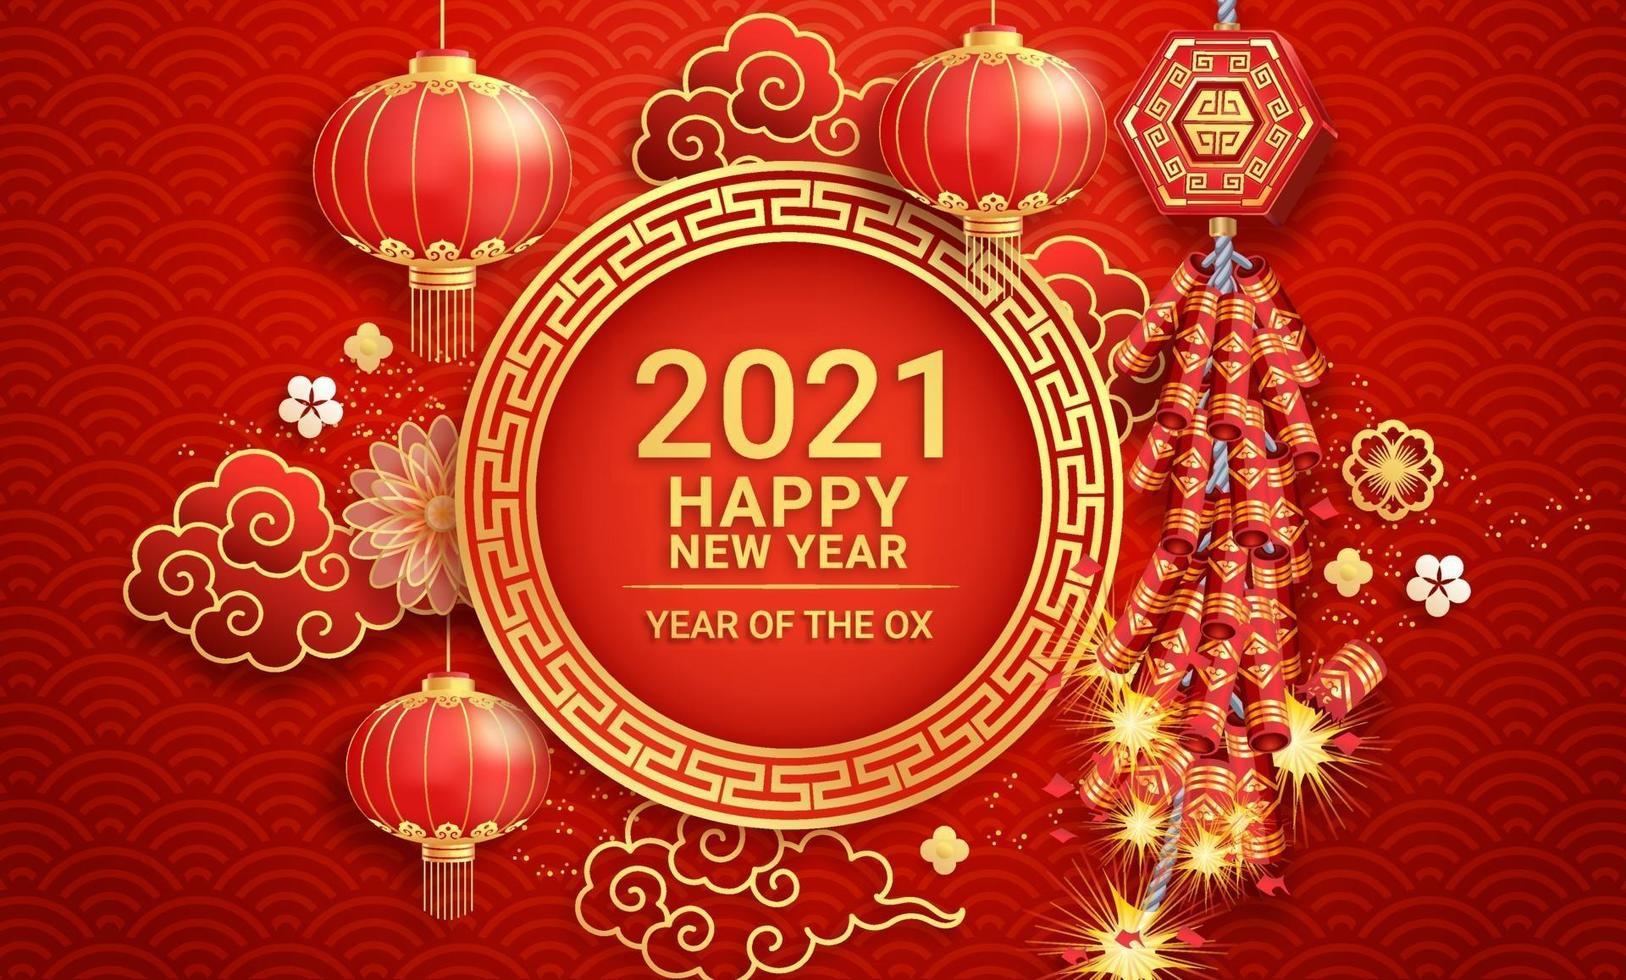 nouvel an chinois 2021. pétards avec lanternes en papier et fleur sur fond de carte de voeux l'année du boeuf. illustrations vectorielles. vecteur